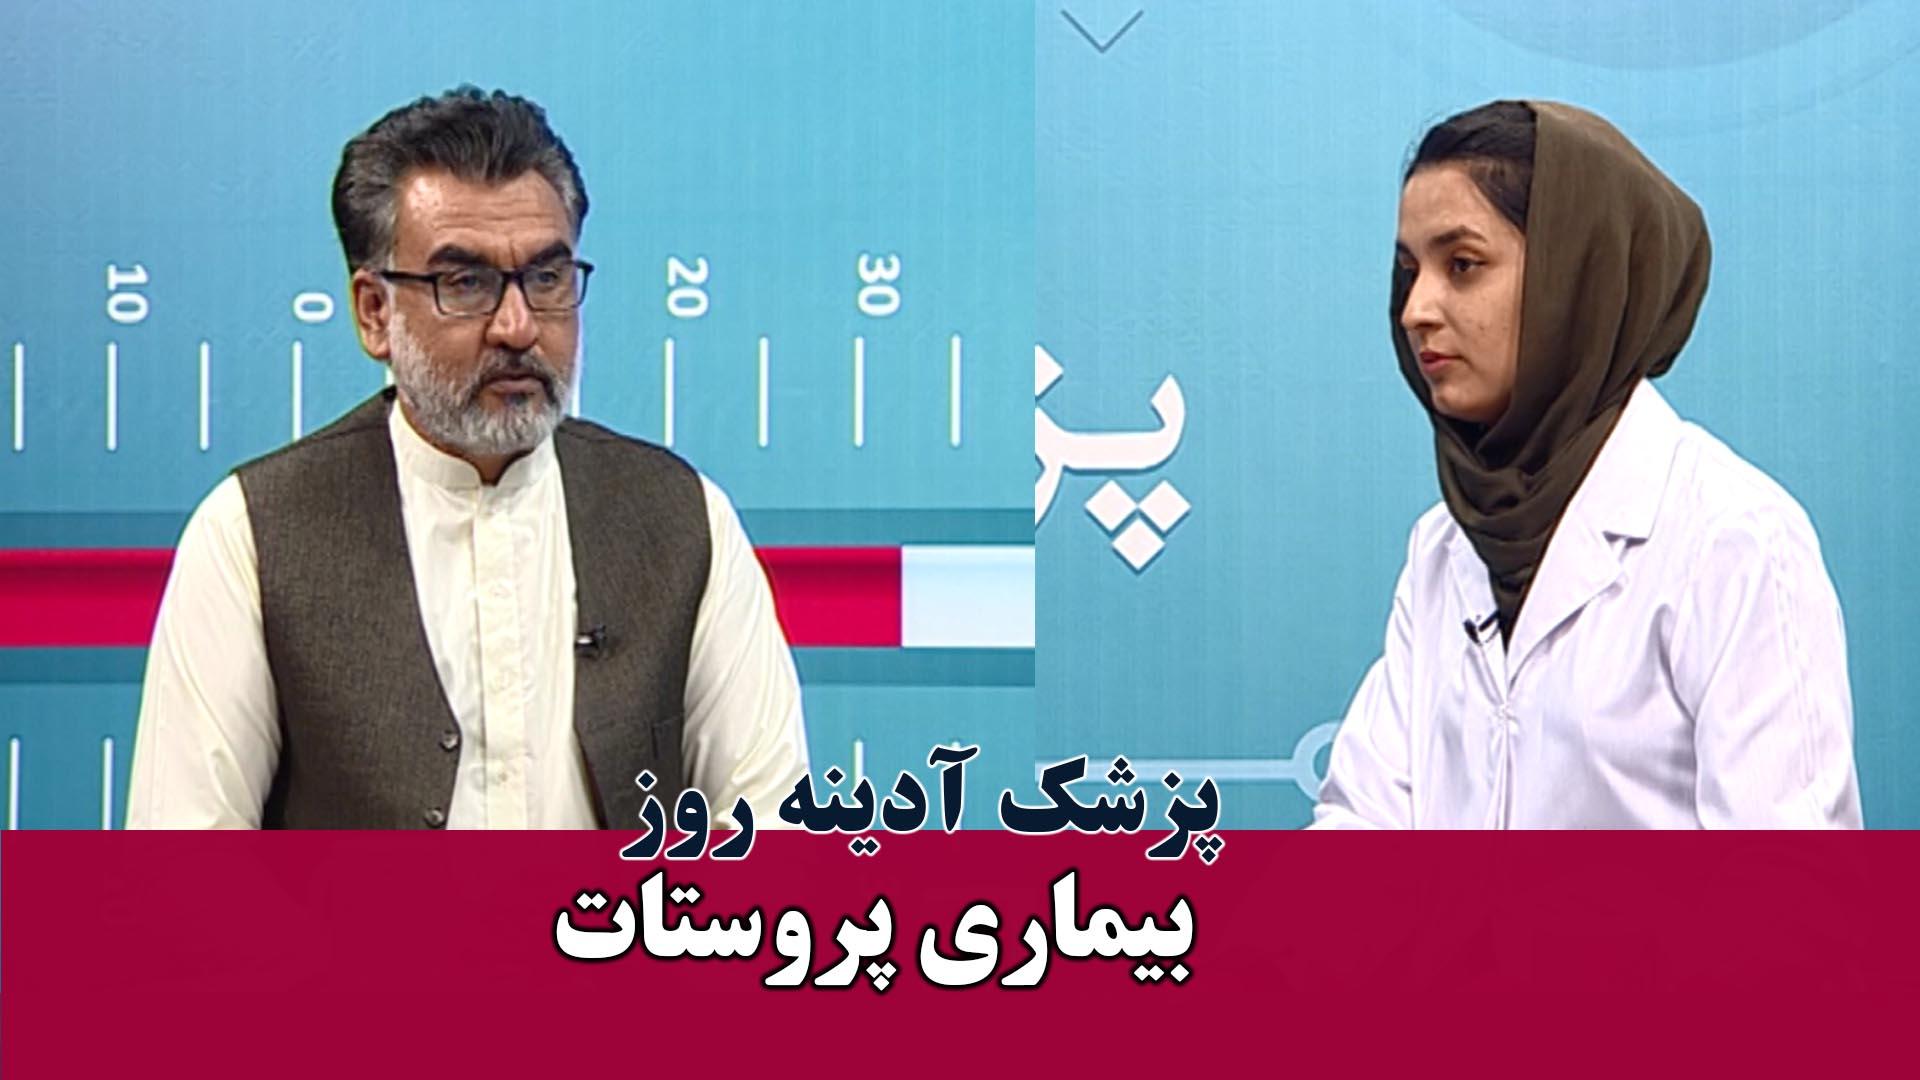 پزشک آدینه روز: بیماری پروستات